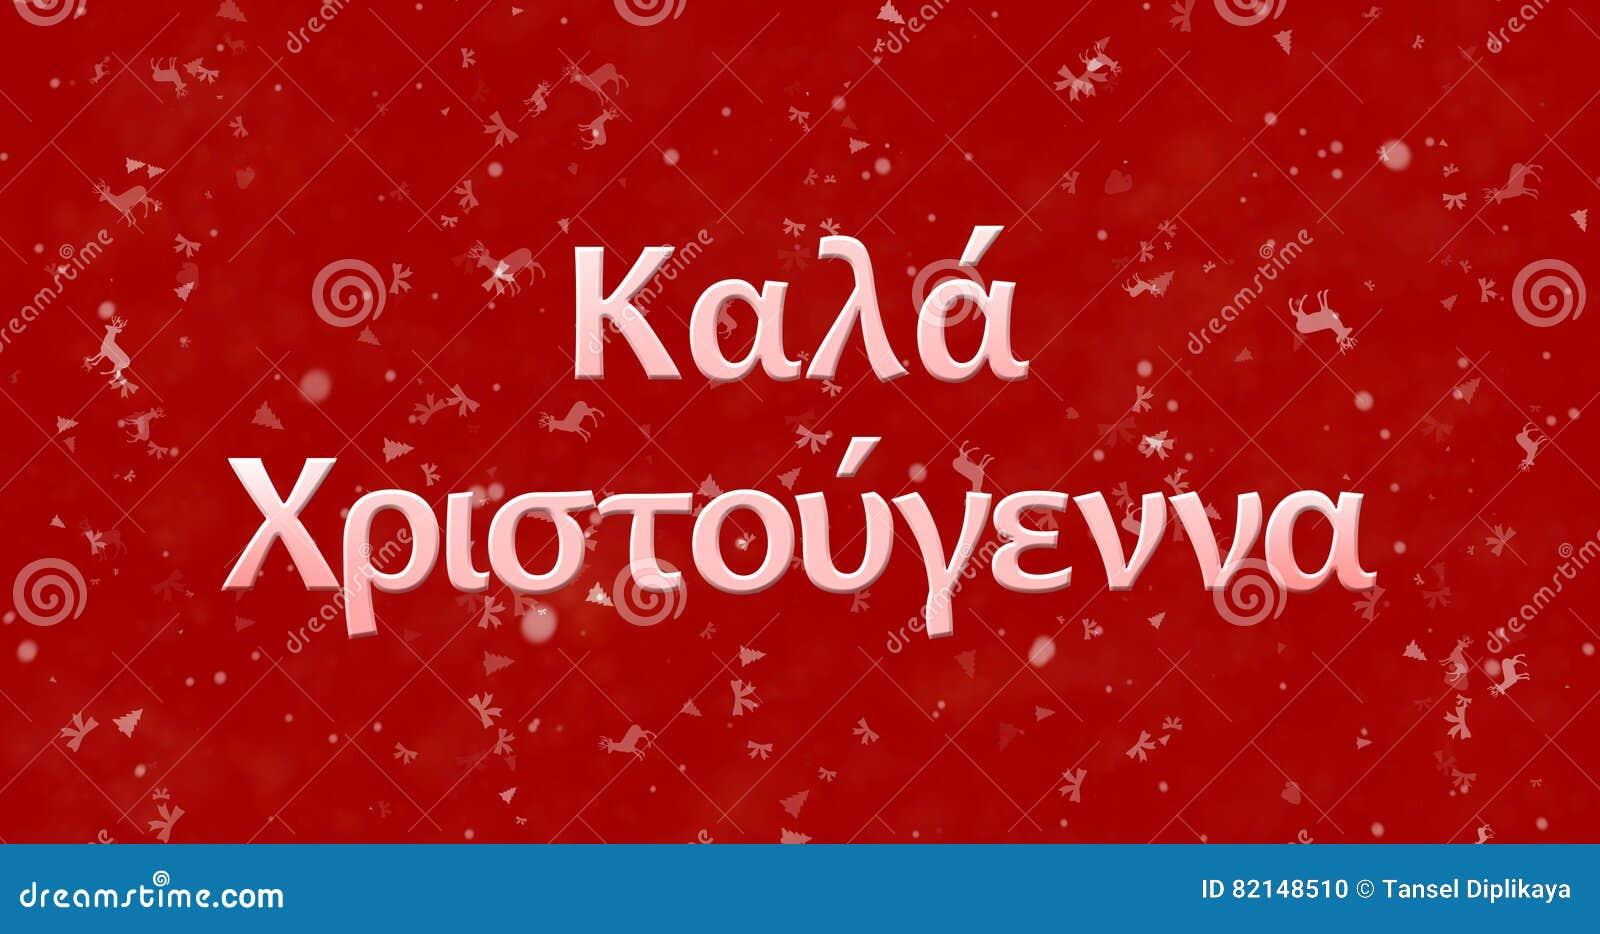 Buon Natale In Greco.Testo Di Buon Natale In Greco Su Fondo Rosso Fotografia Stock Immagine Di Sbiad Background 82148510